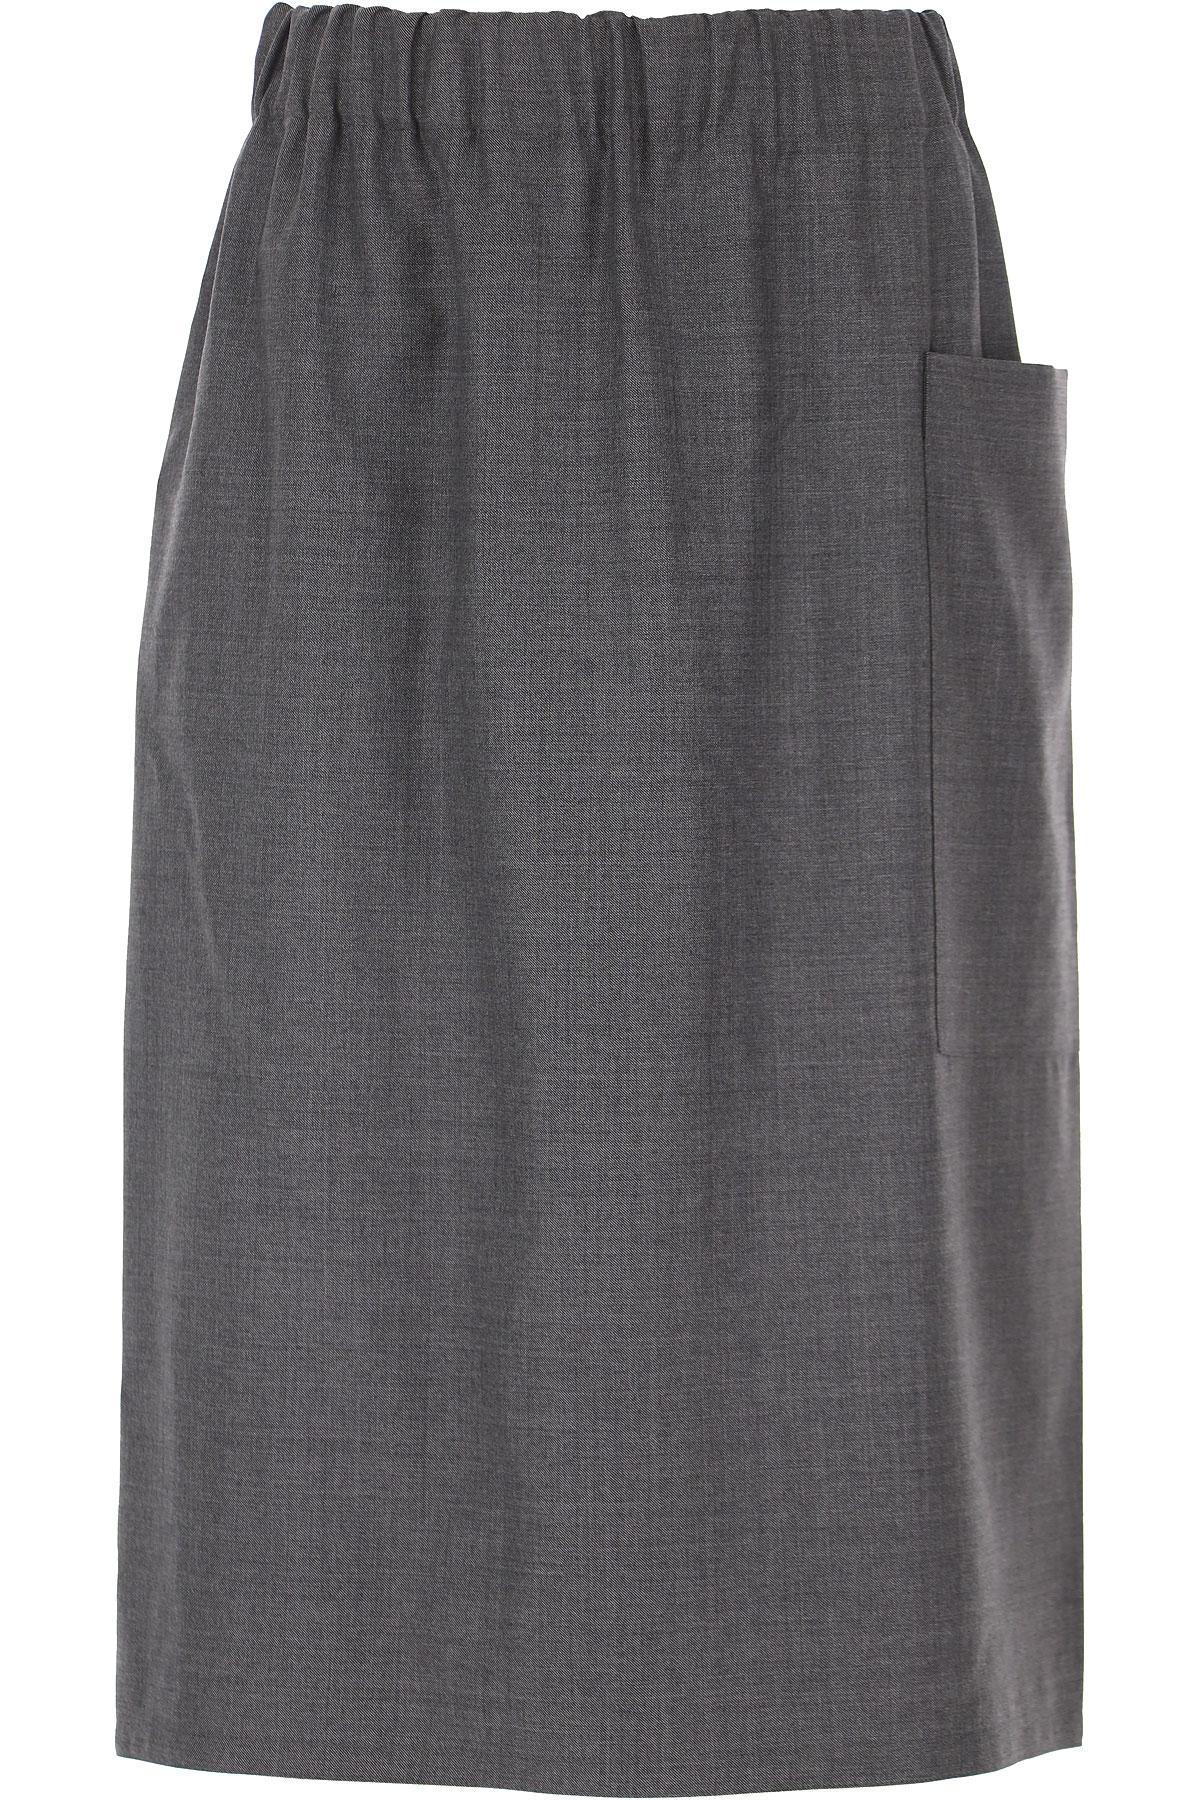 Sofie dHoore Skirt for Women On Sale, Grey, Wool, 2019, FR 36 • IT 40 FR 38 • IT 42 FR 40 • IT 44